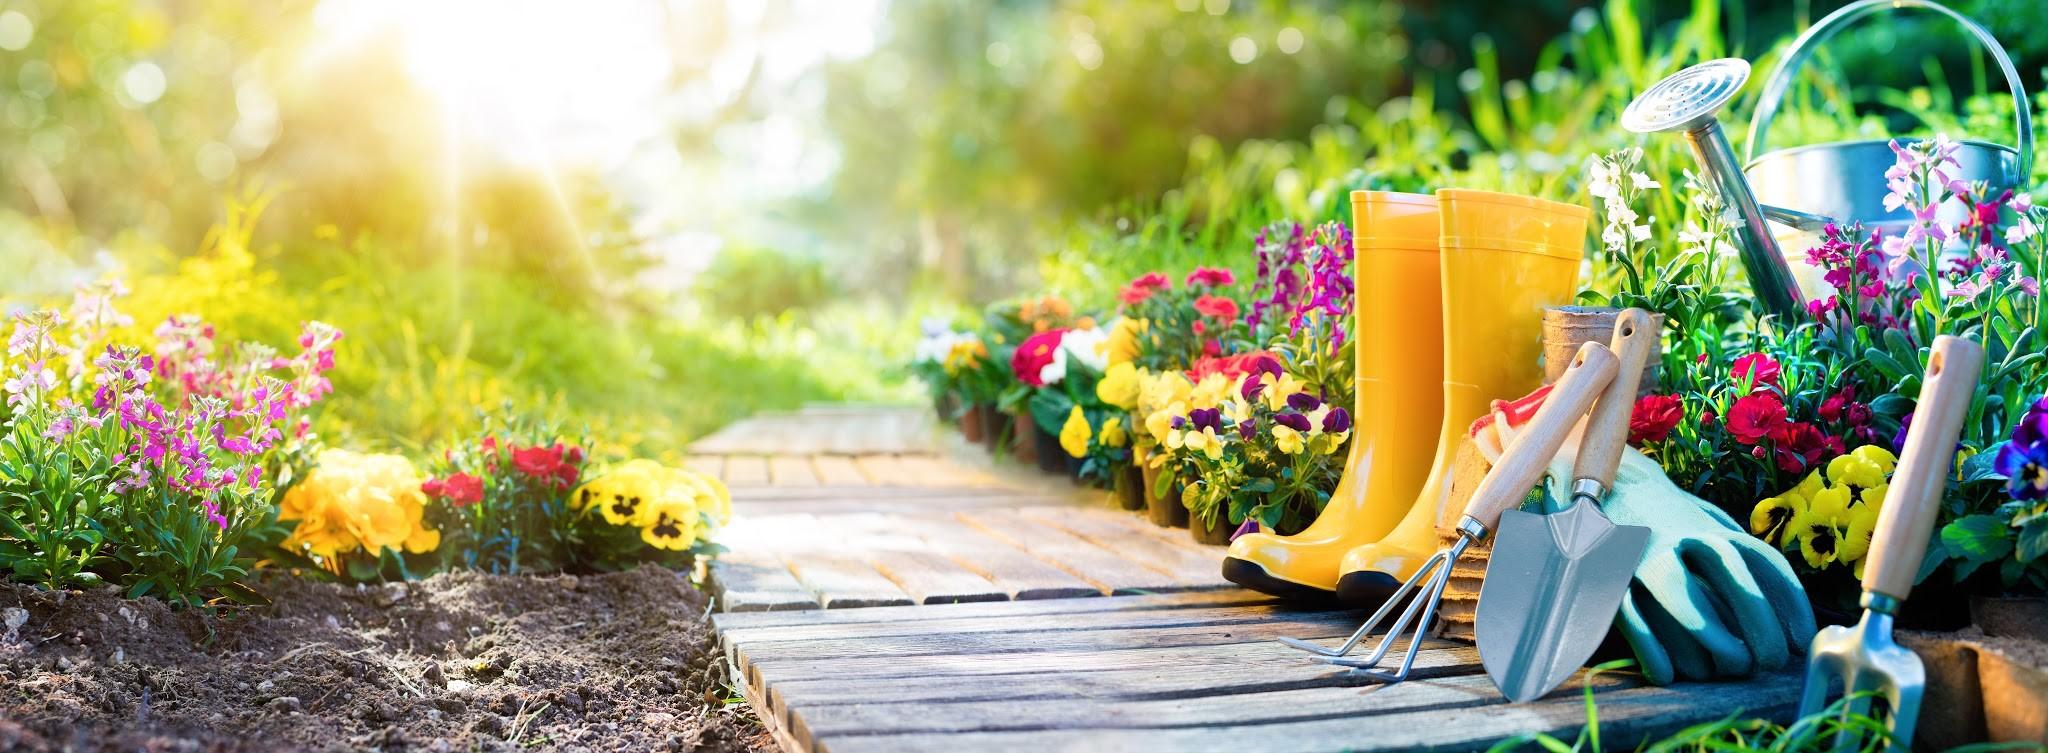 Comment réduire la facture d'entretien et d'aménagement de son jardin ?